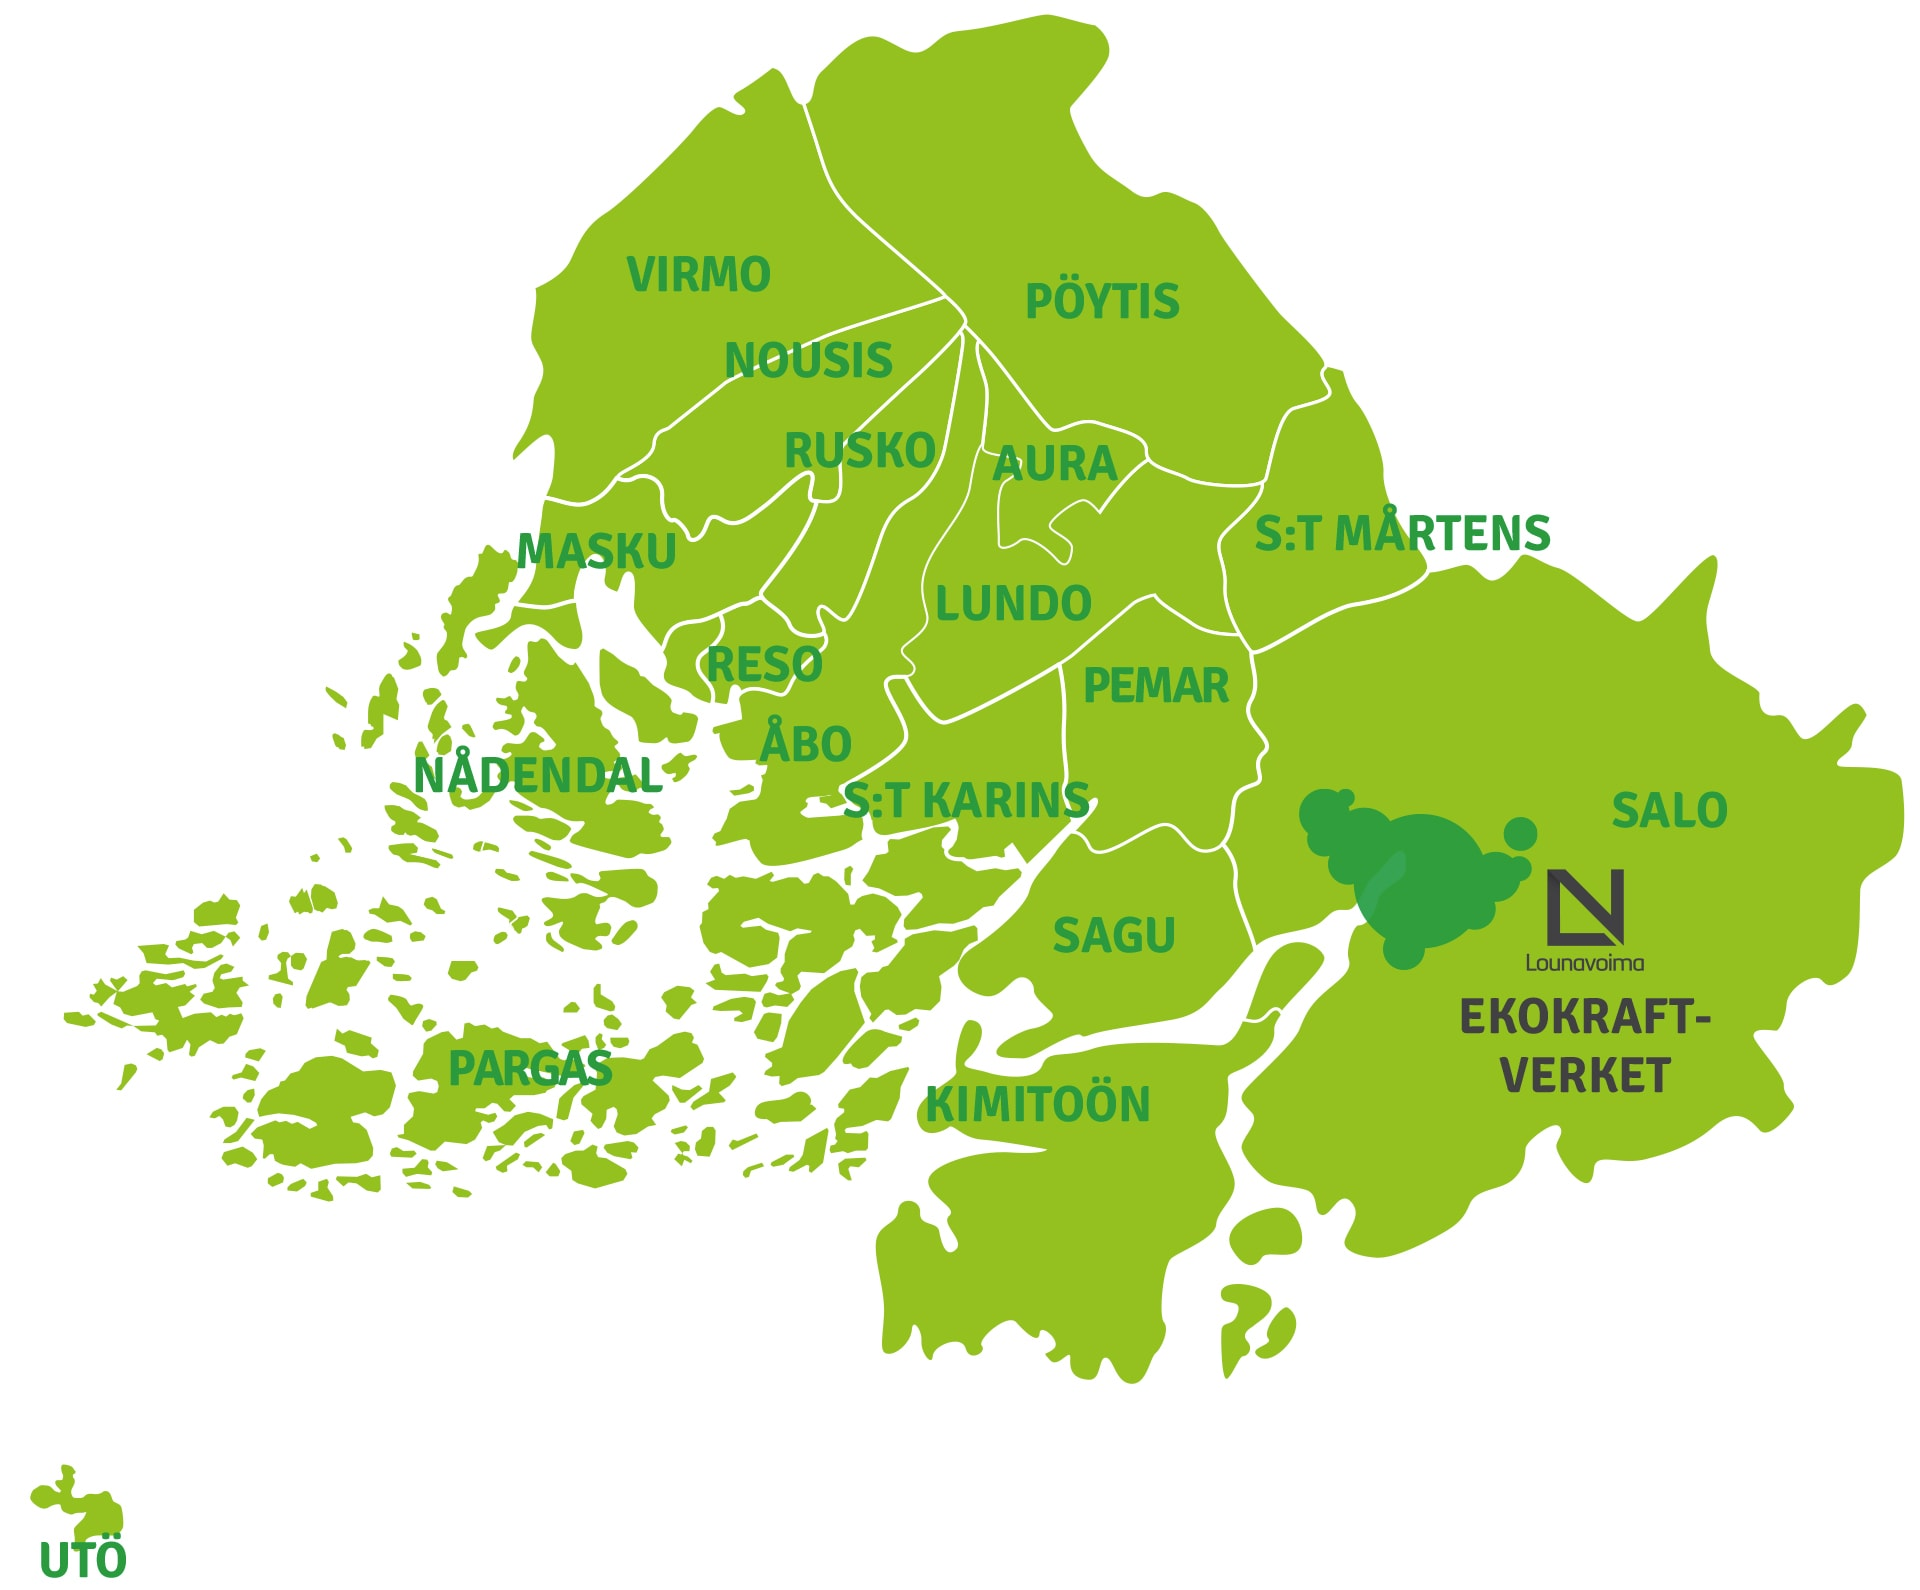 Lounavoima Oy: s uppgift är att utnyttja icke återvinningsbart samhällsavfall som samlas in av Sydvästra Finlands Avfallshantering Ab i 17 kommuner som energi.